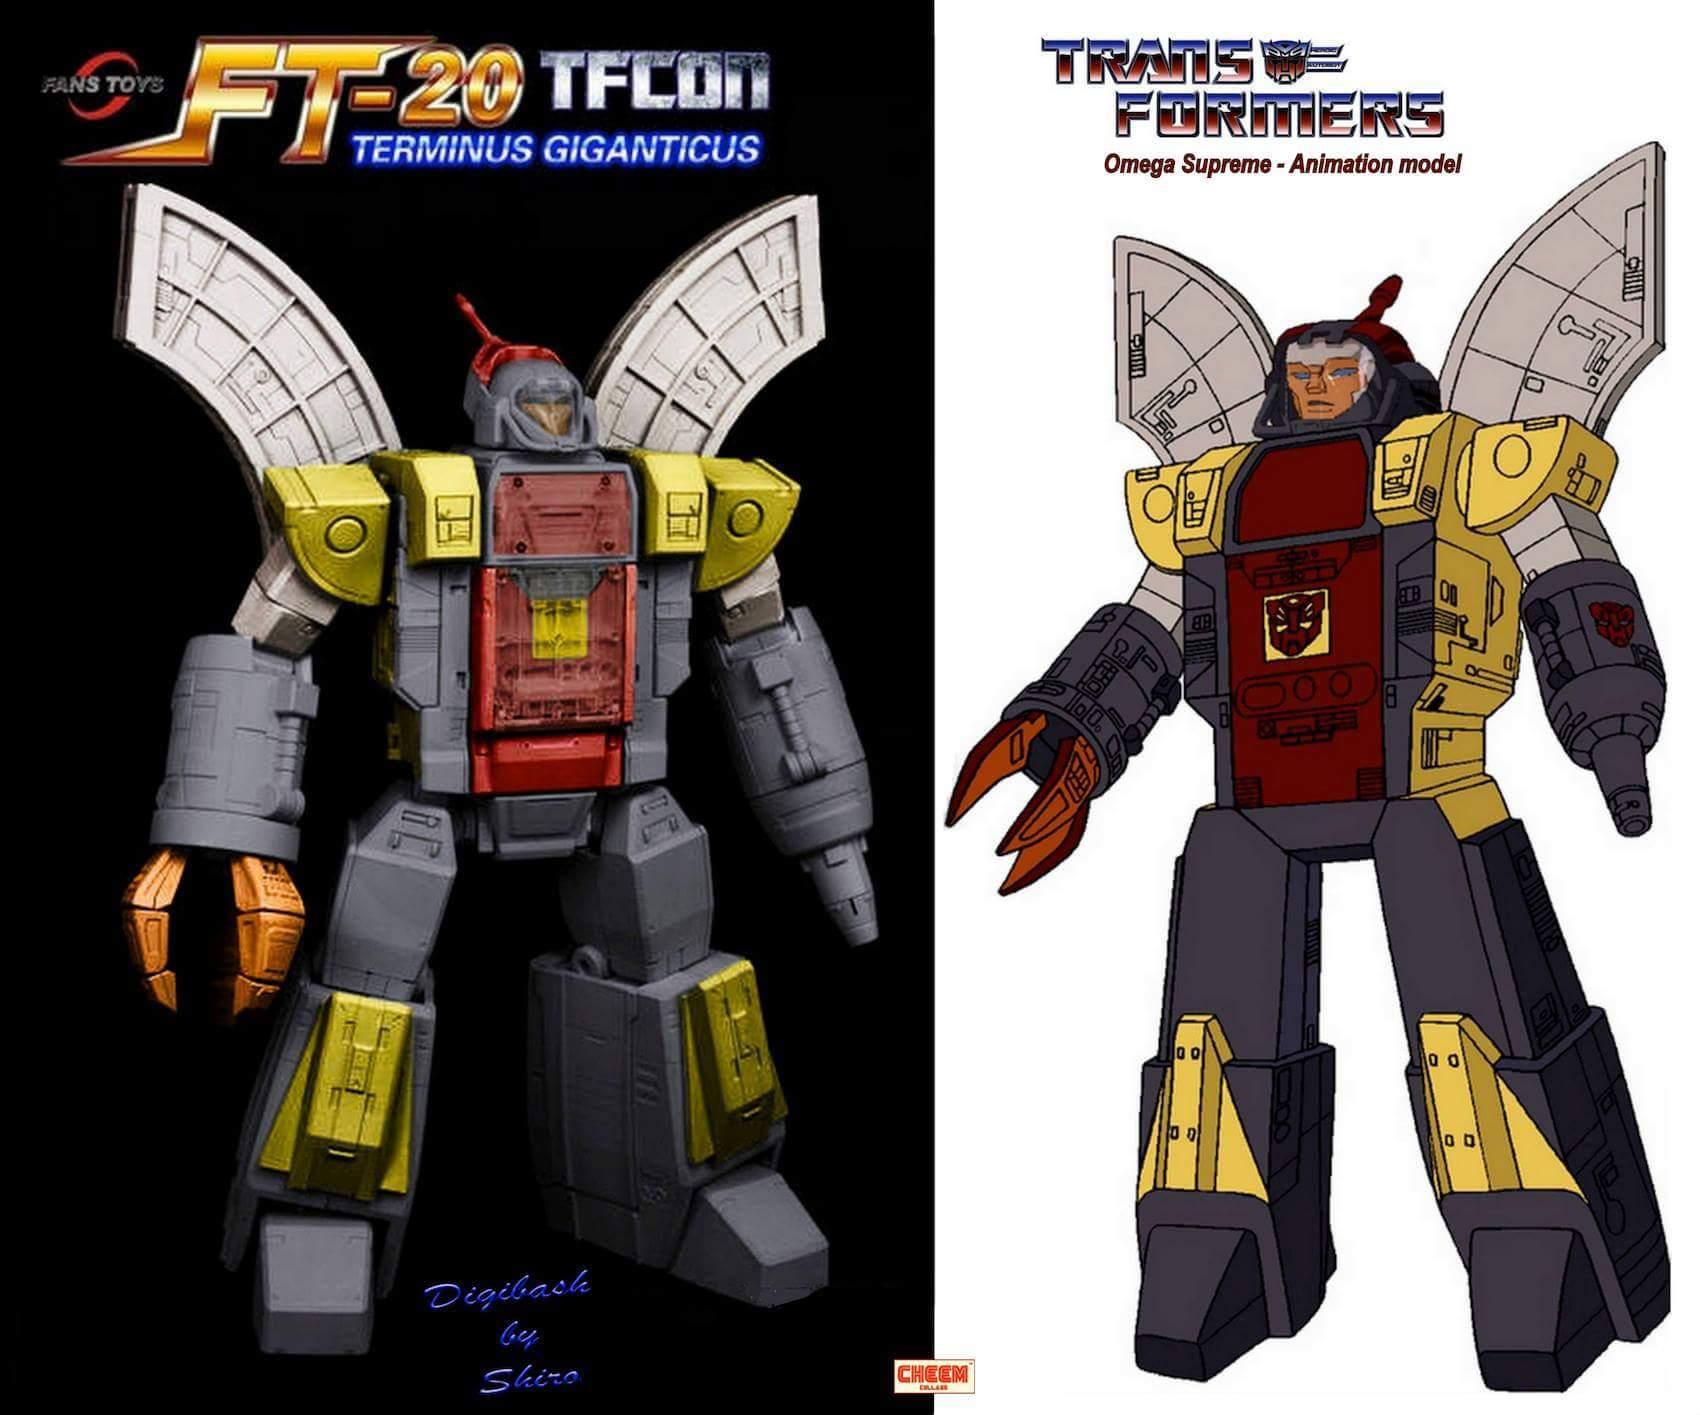 [Fanstoys] Produit Tiers - Jouets FT-20 et FT-20G Terminus Giganticus - aka Oméga Suprême et Omega Sentinel (Gardien de Cybertron) MpC14J9S